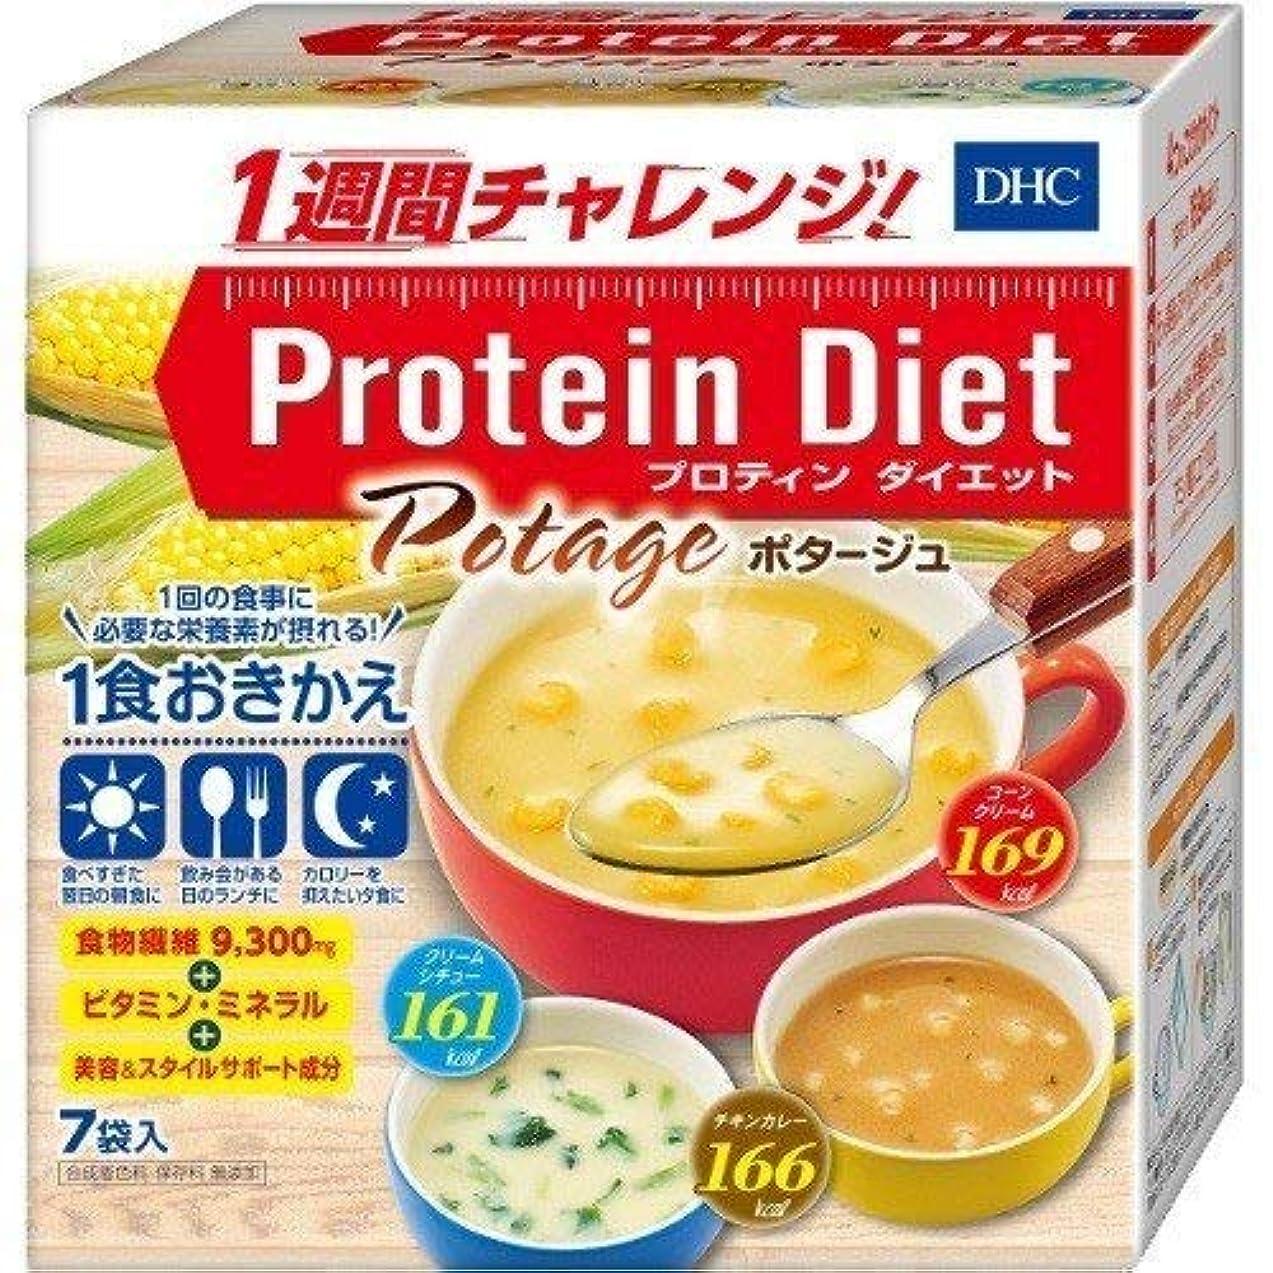 信条刺すレースDHC 健康食品相談室 DHC プロティンダイエット ポタージュ 7袋入 4511413406366